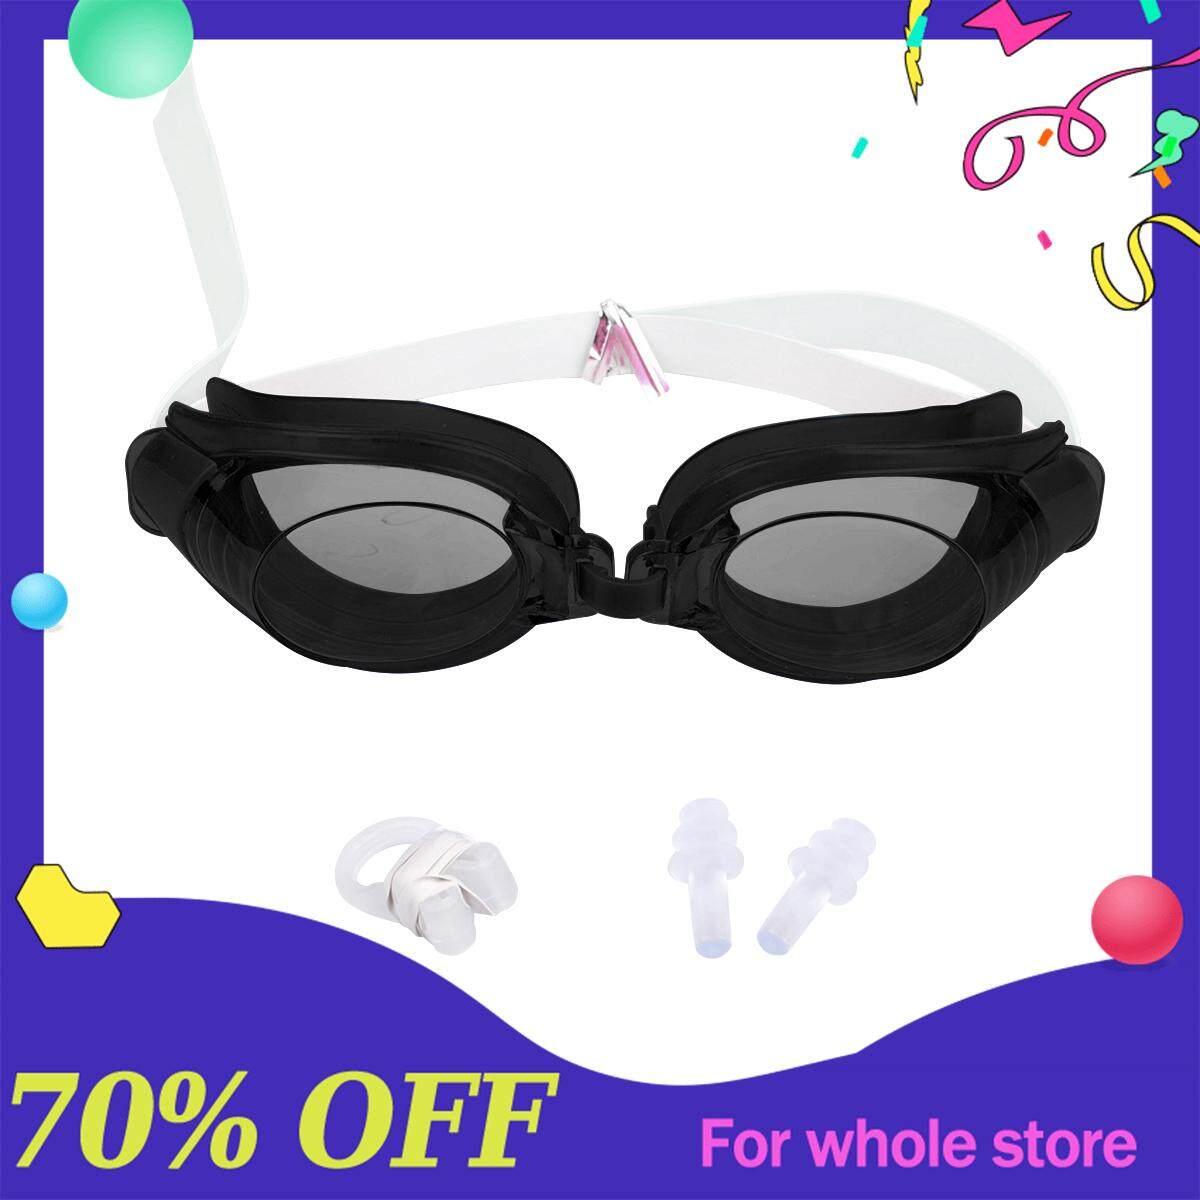 3 Pcs ปรับแว่นตาว่ายน้ำกันน้ำ Anti - Fog ว่ายน้ำแว่นตาแว่นตาว่ายน้ำผู้ใหญ่พร้อมคลิปหนีบจมูก + ปลั๊กอุดหู By Oubai Pet Line.